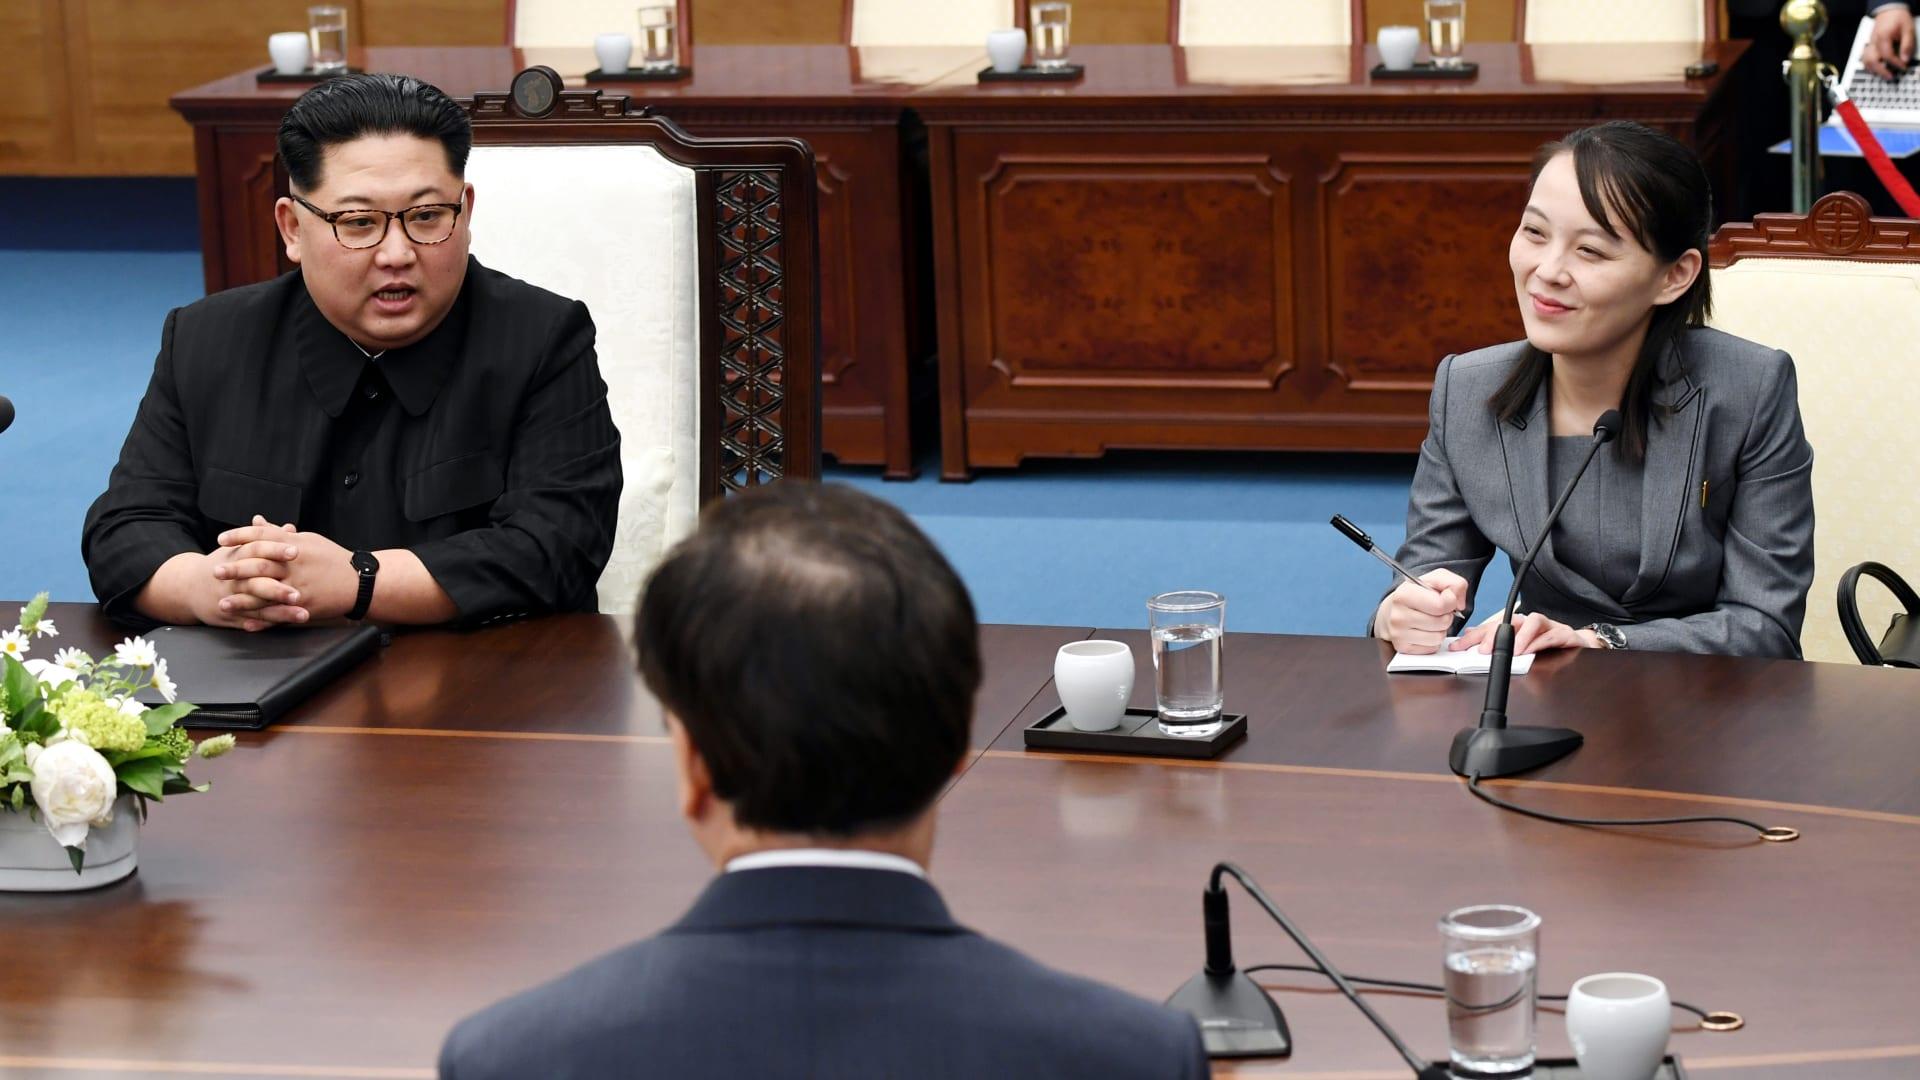 كيم يو جونغ، شقيقة الزعيم الكوري الشمالي كيم جونغ أون